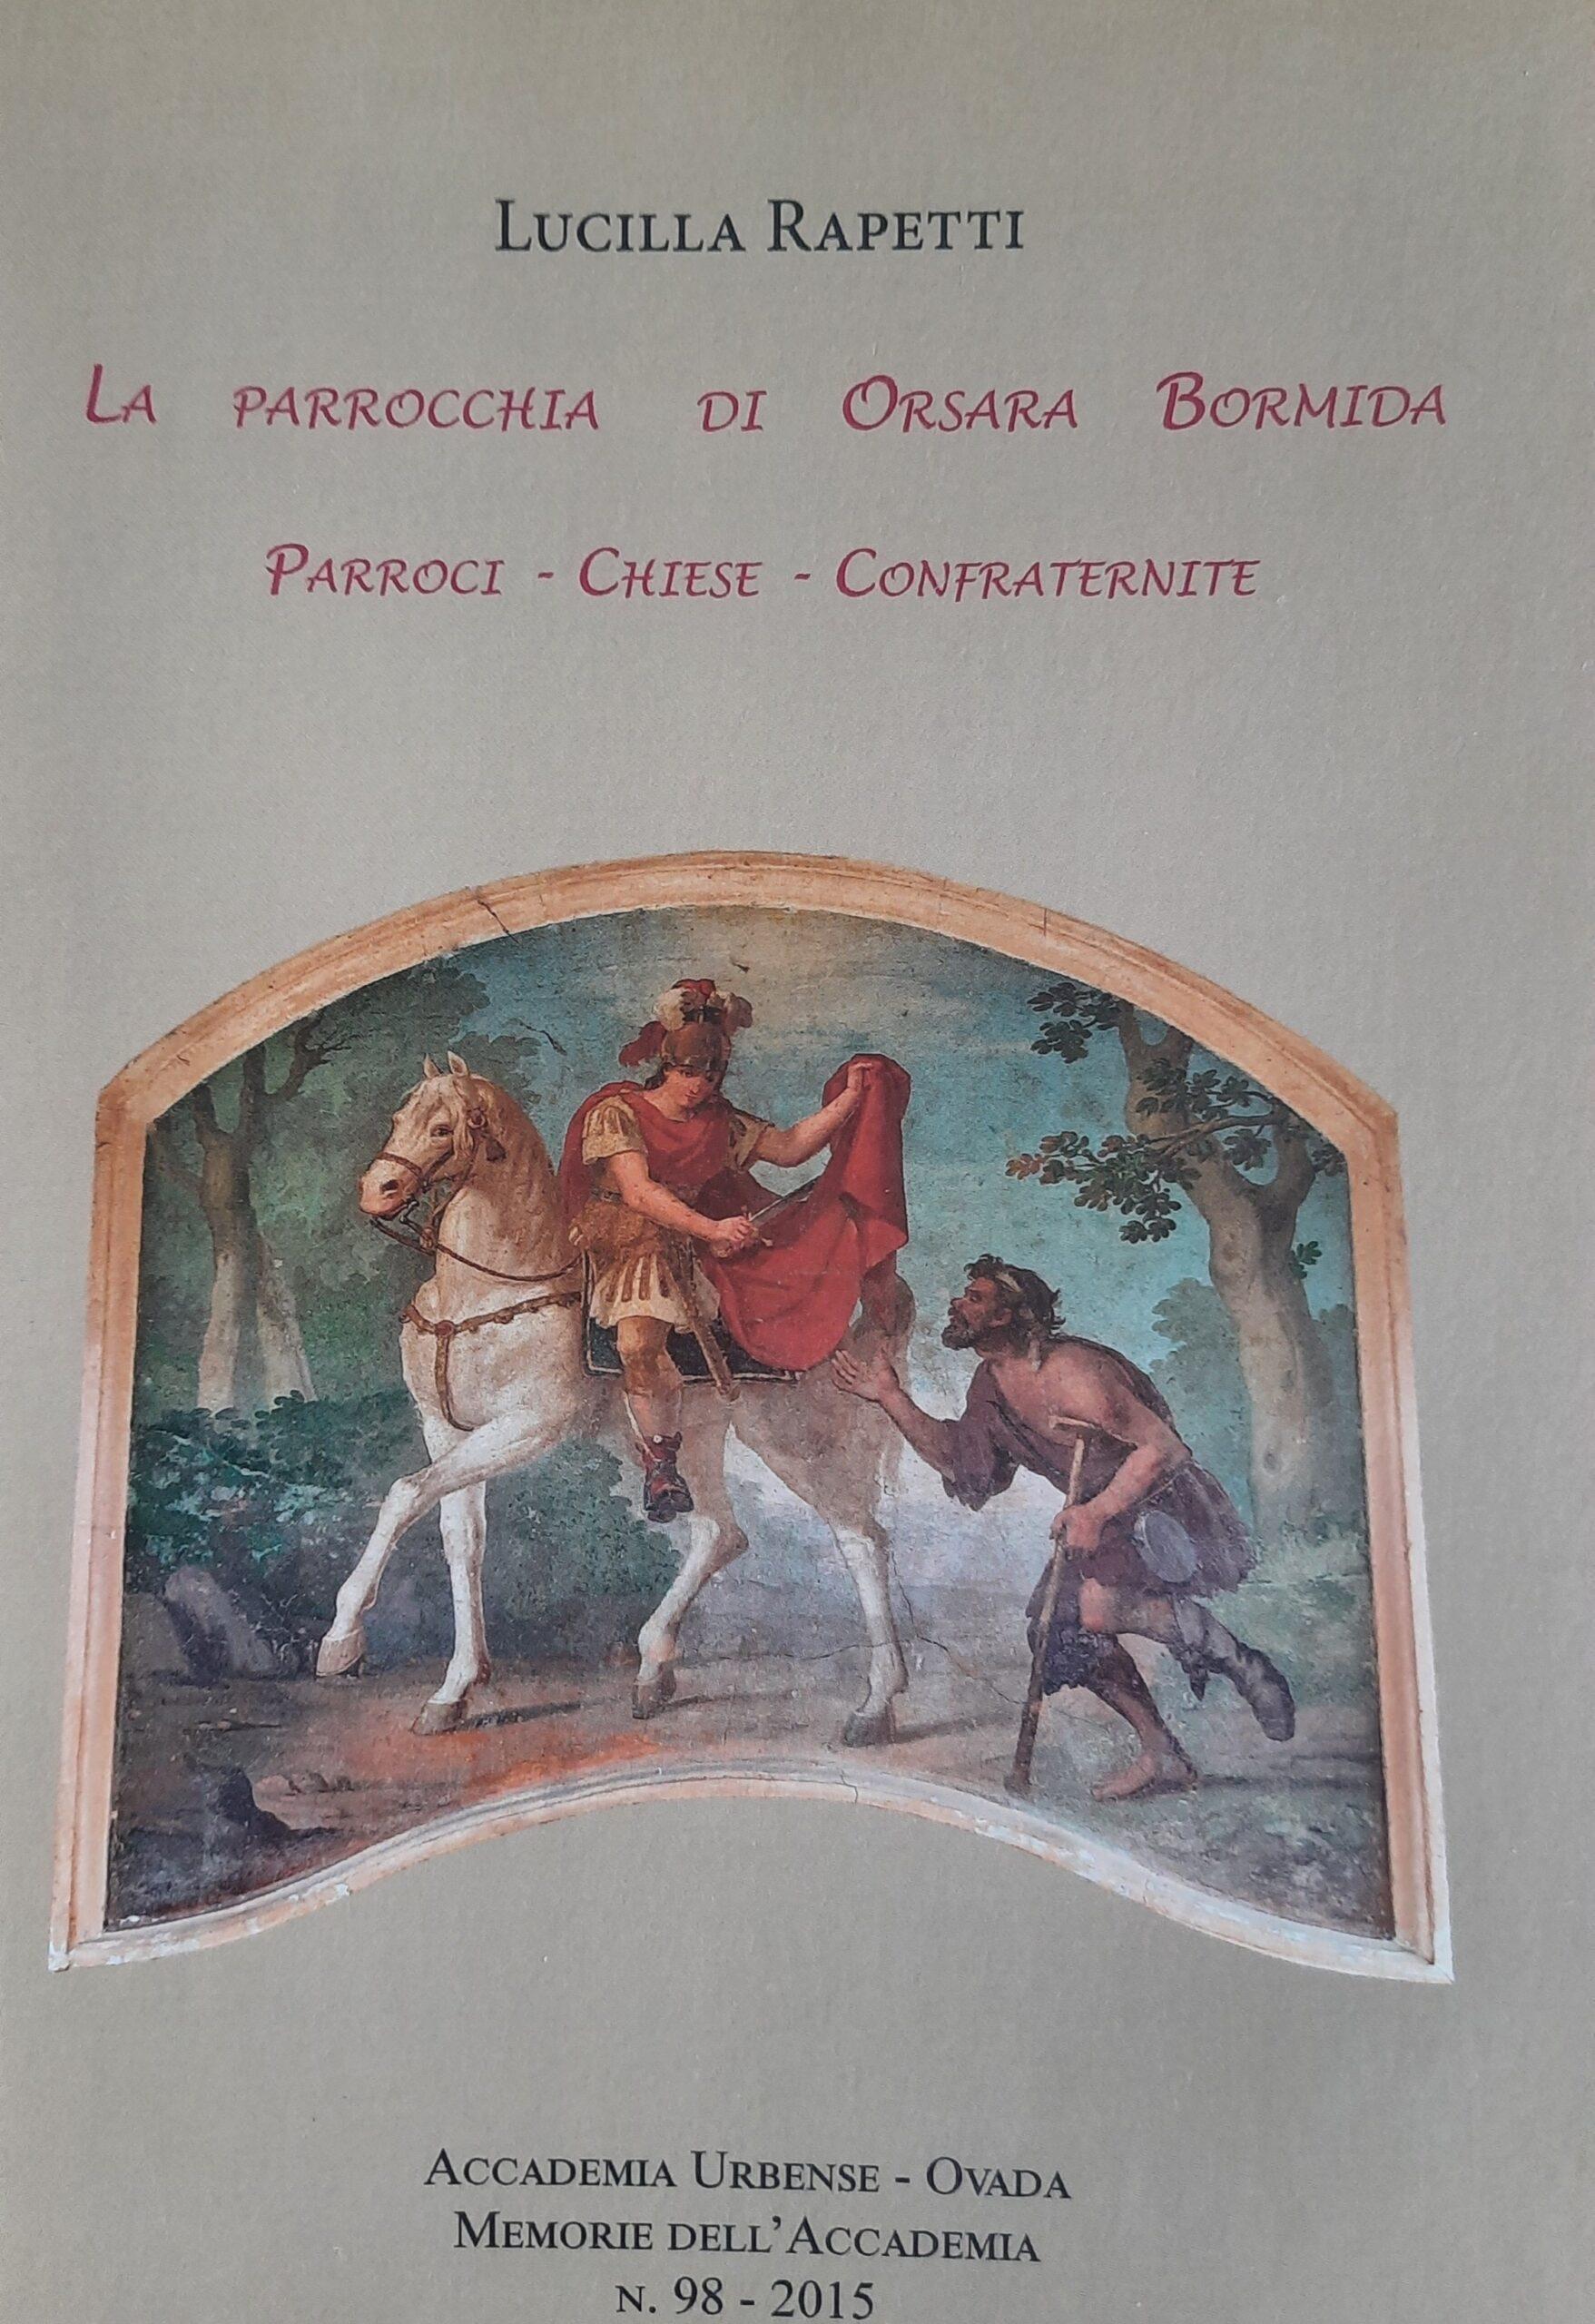 LA PARROCCHIA DI ORSARA BORMIDA, PARROCI, CHIESE E CONFRATERNITE